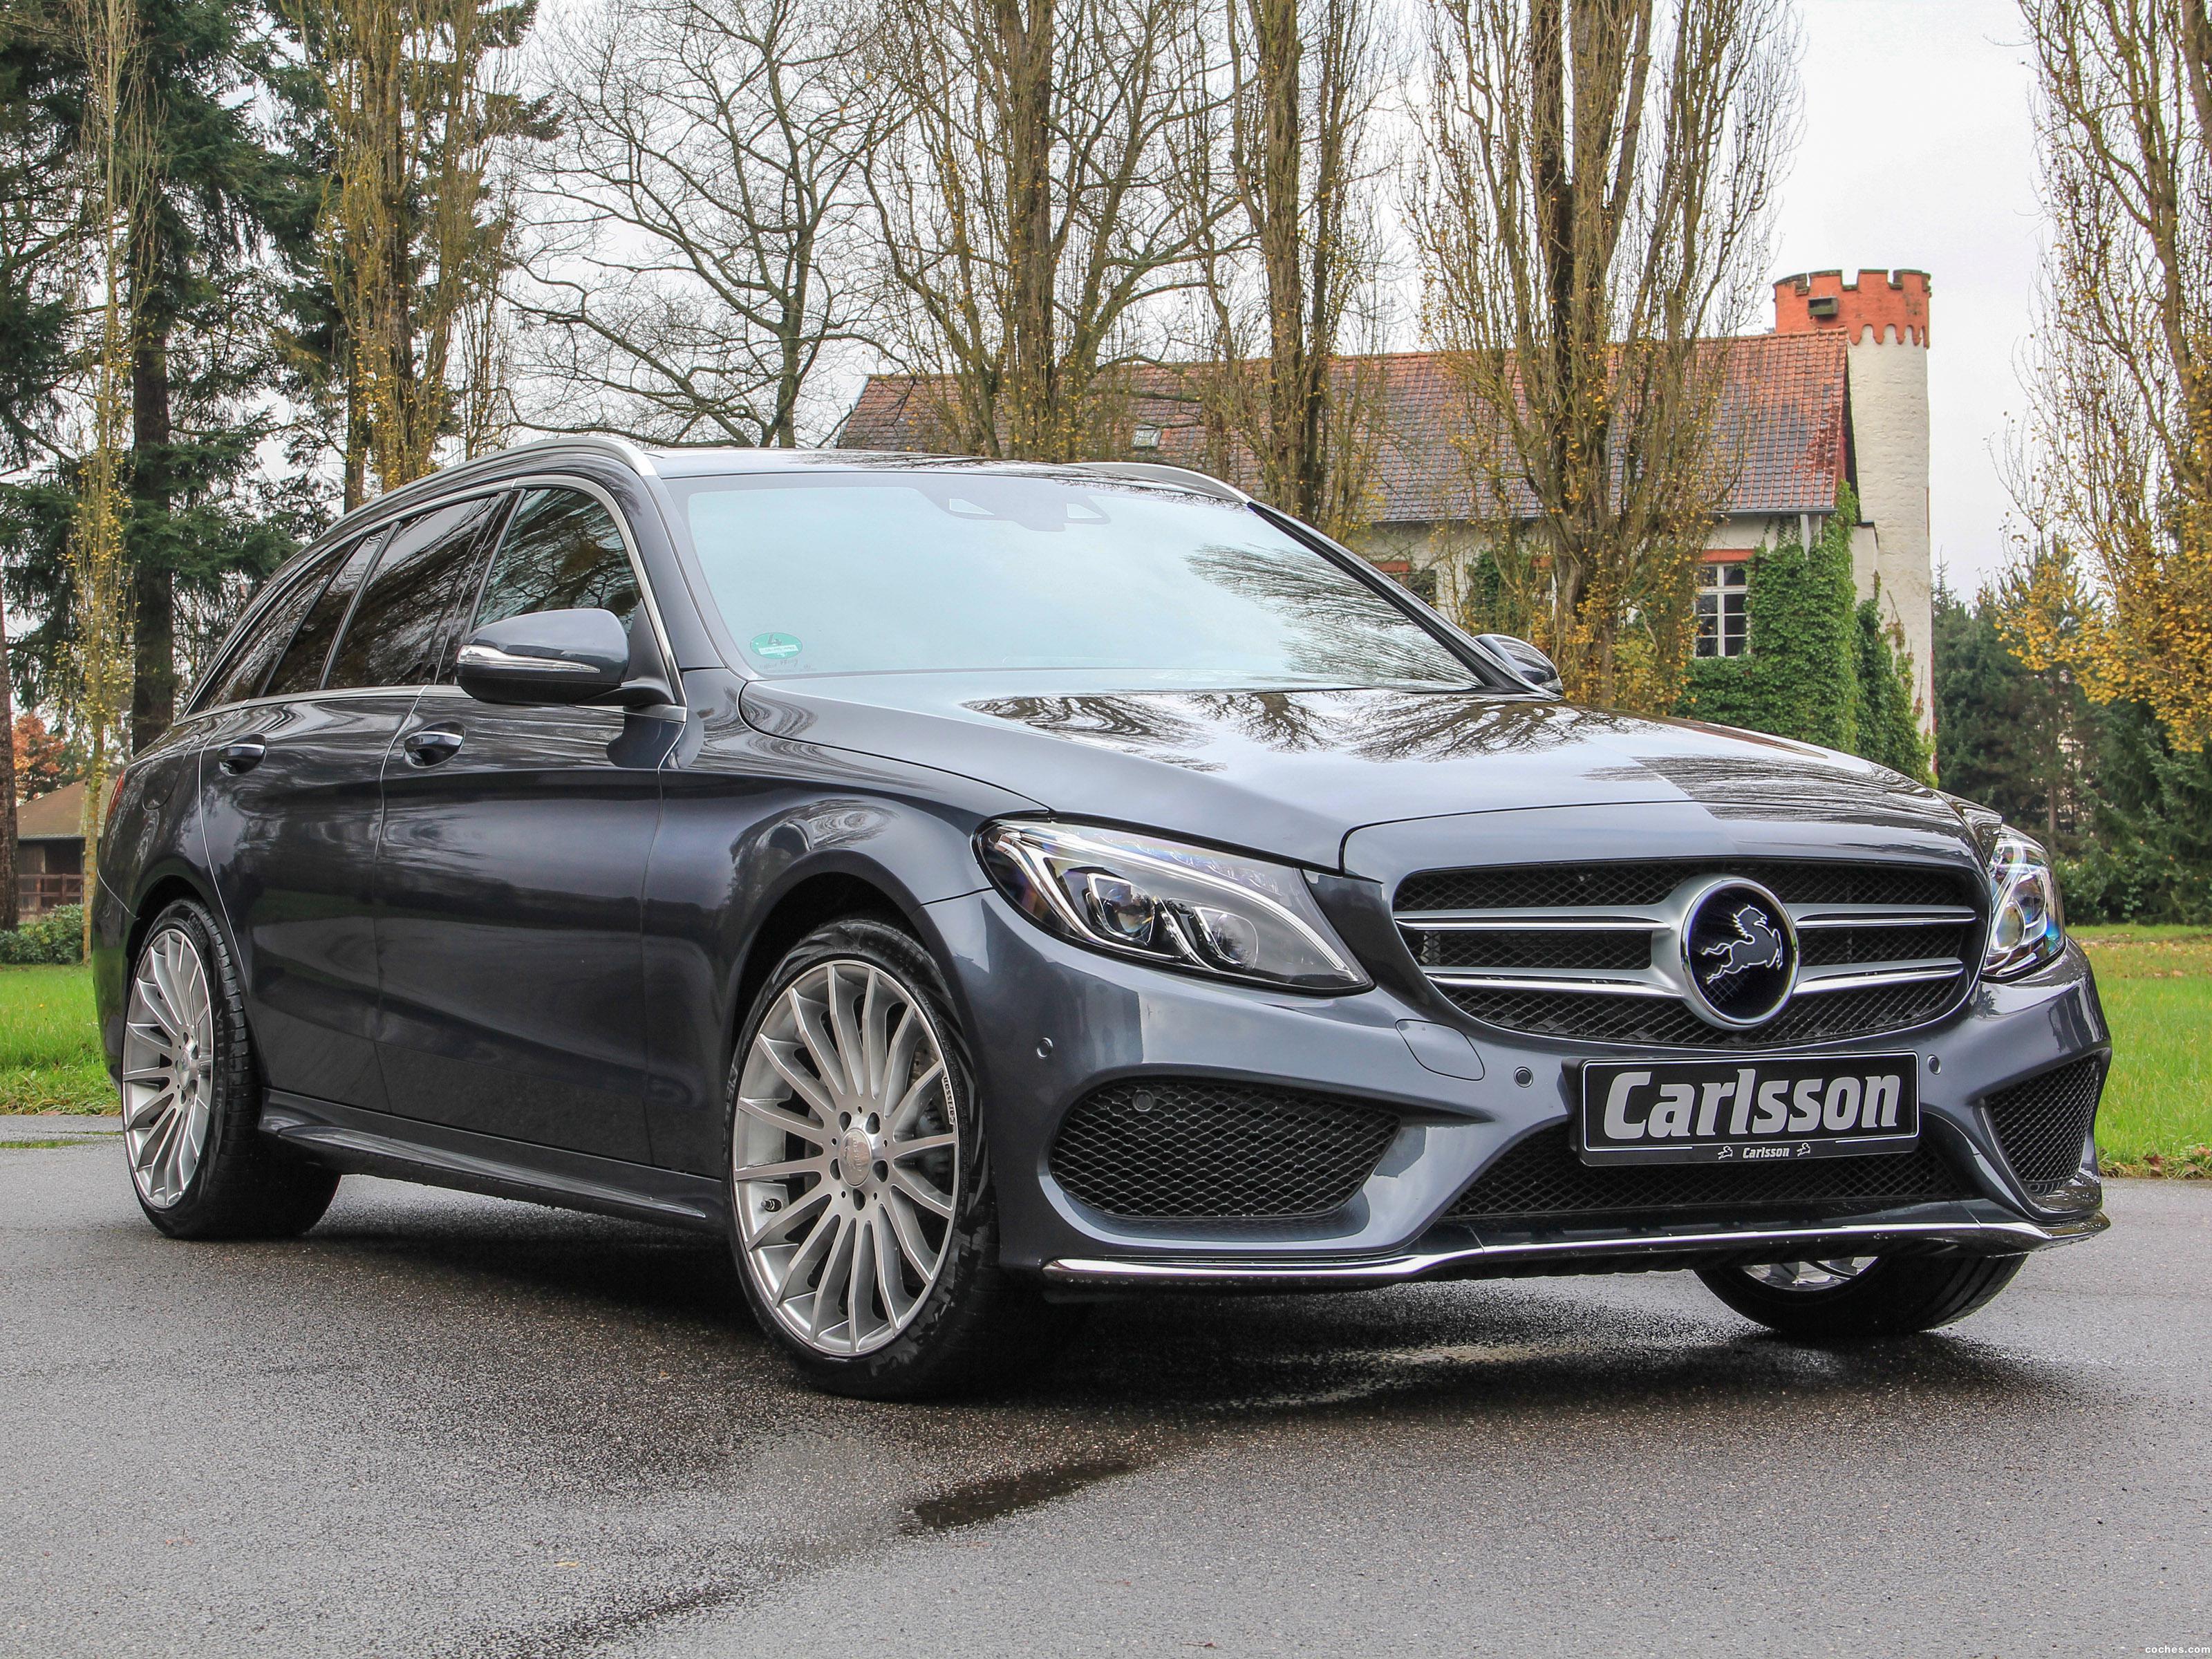 Foto 0 de Mercedes Carlsson Clase C Estate AMG Line S205 2014